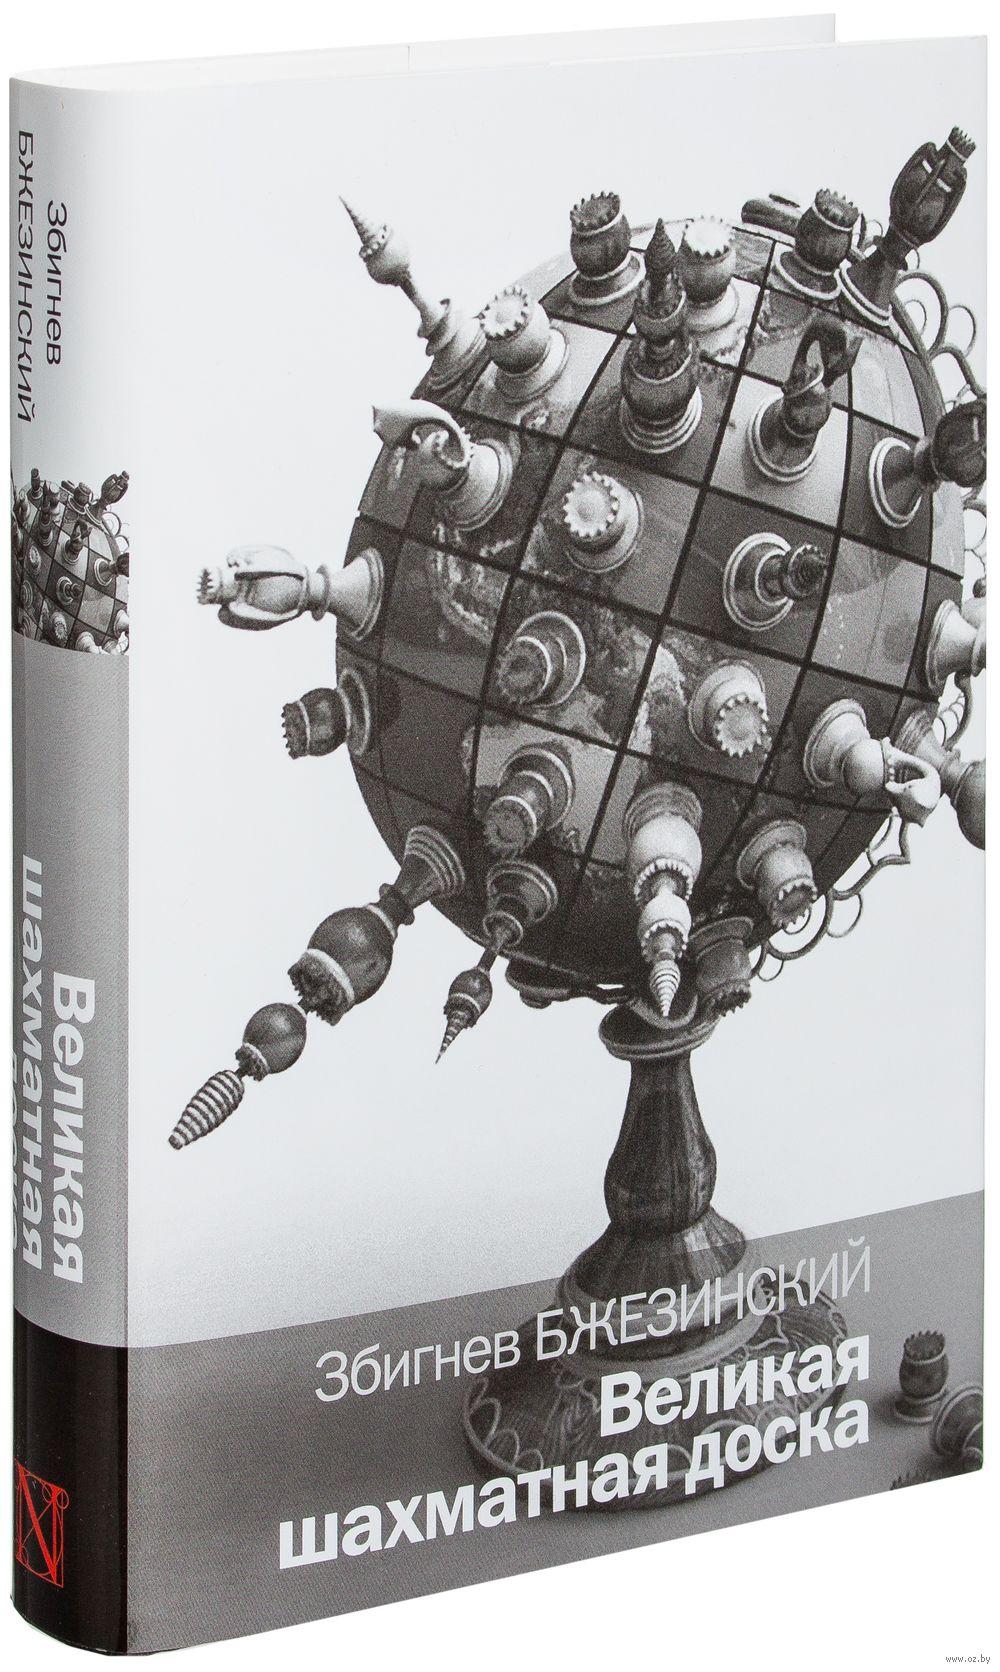 Скачать бесплатно книгу великая шахматная доска